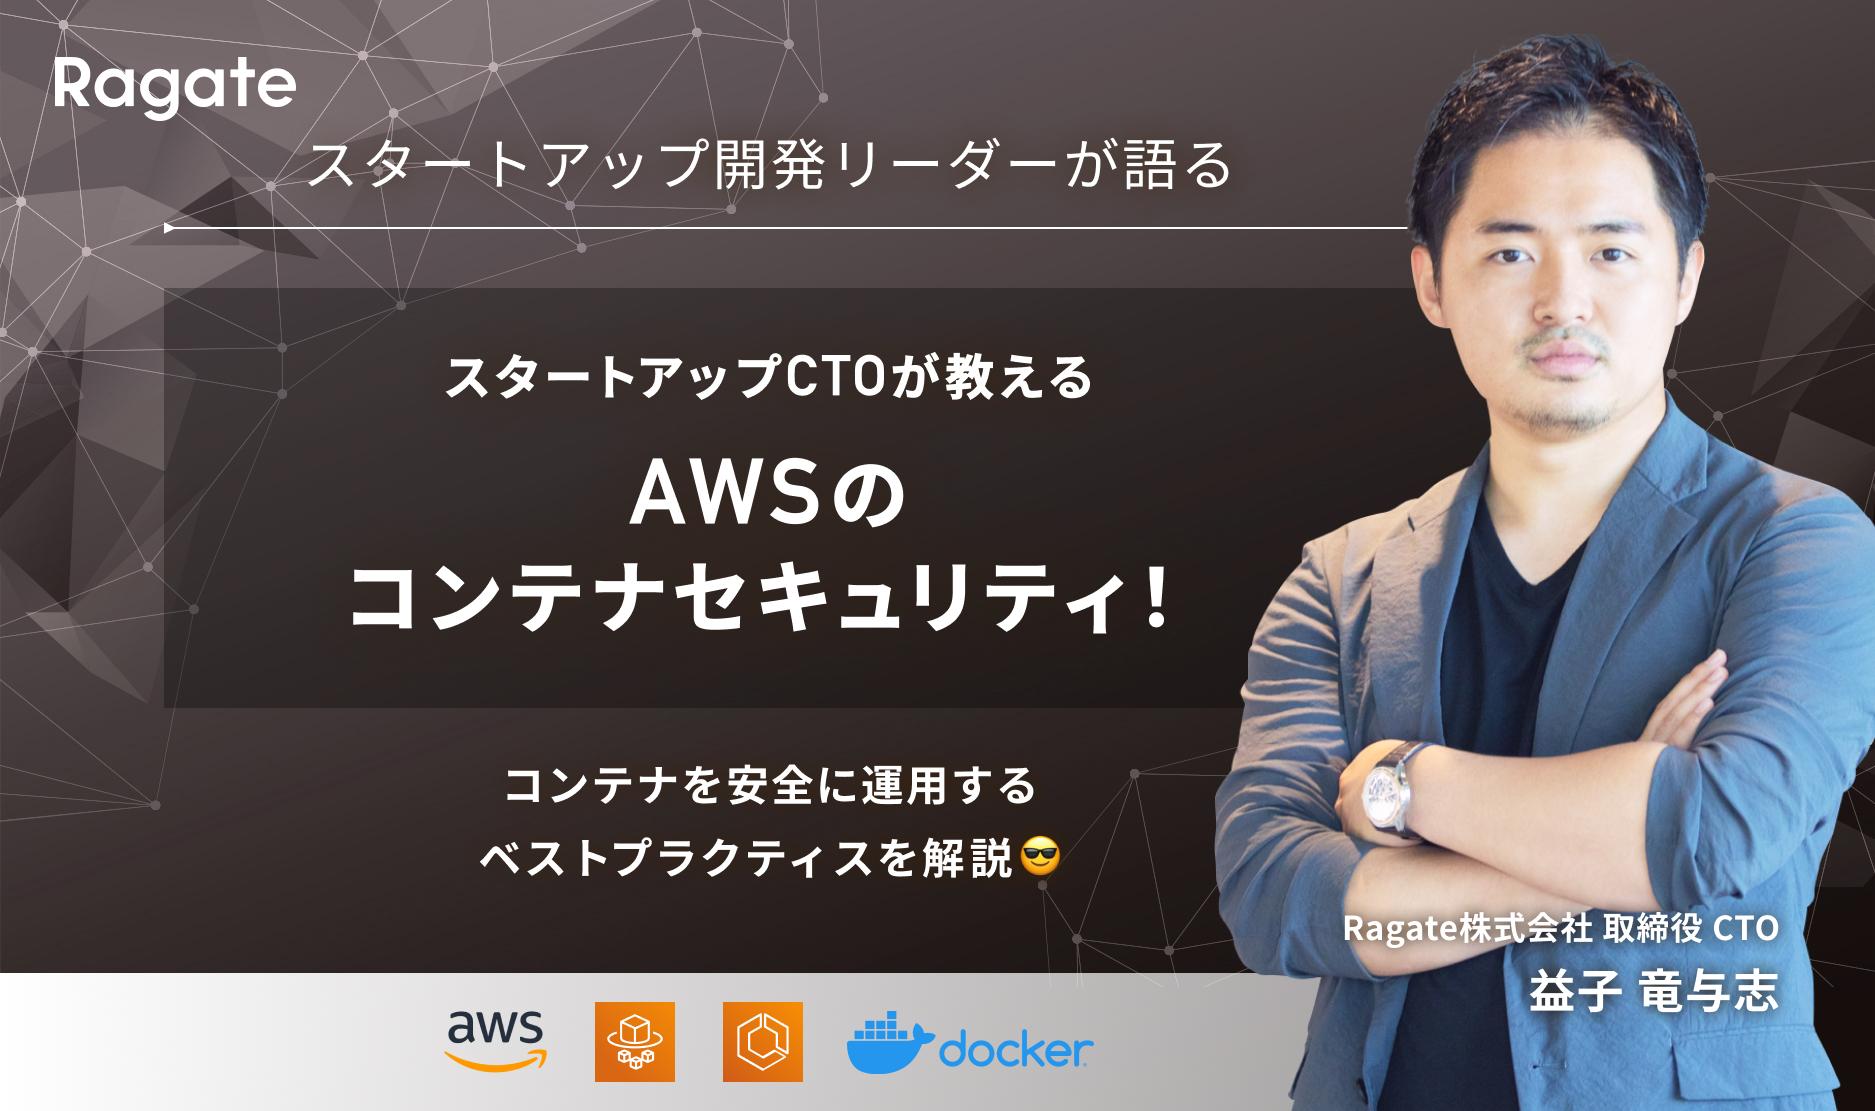 スタートアップCTOが教える、AWSのコンテナセキュリティ!コンテナを安全に運用するベストプラクティスを解説😎